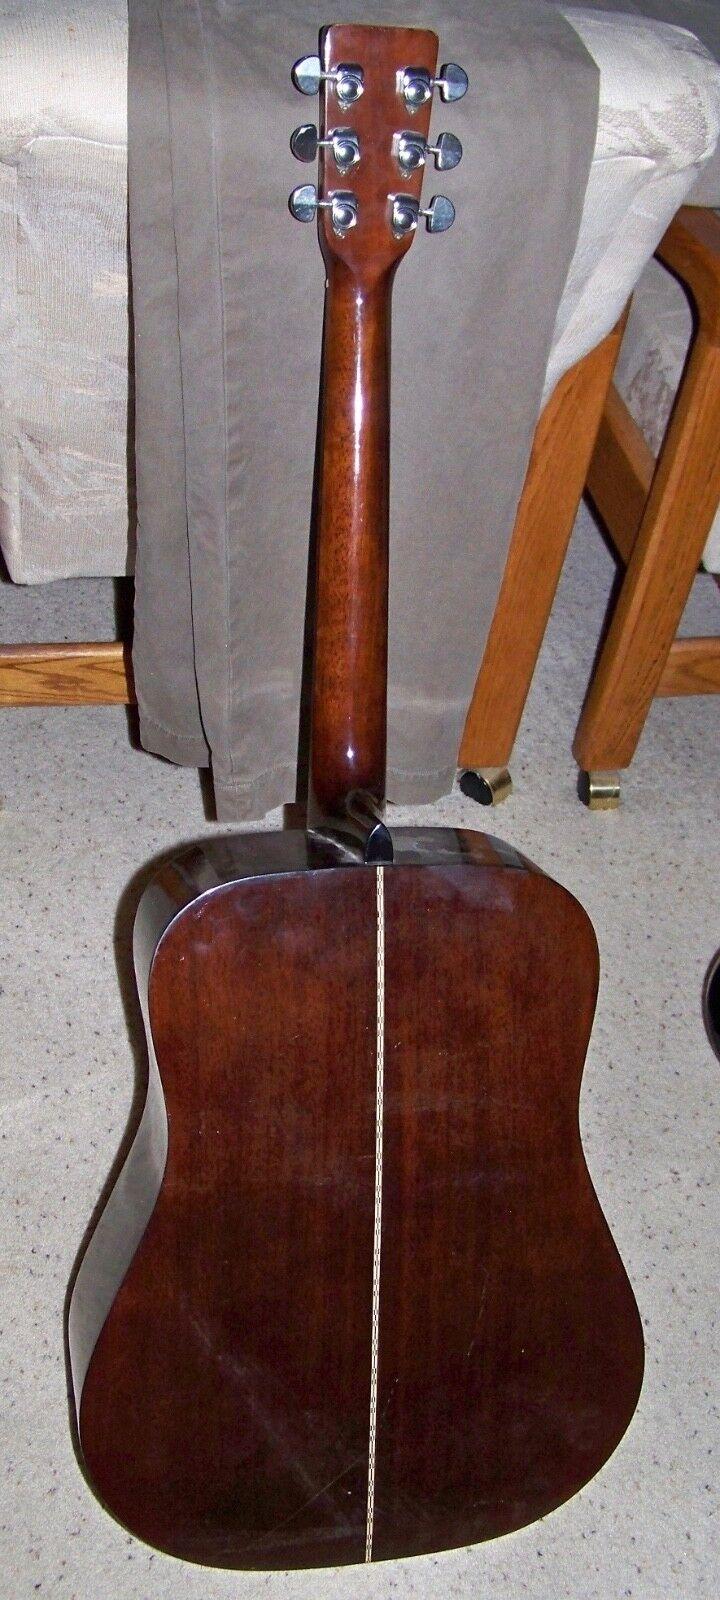 s l1600 - 1970's Penco Full Size Acoustic Guitar Vintage Japan